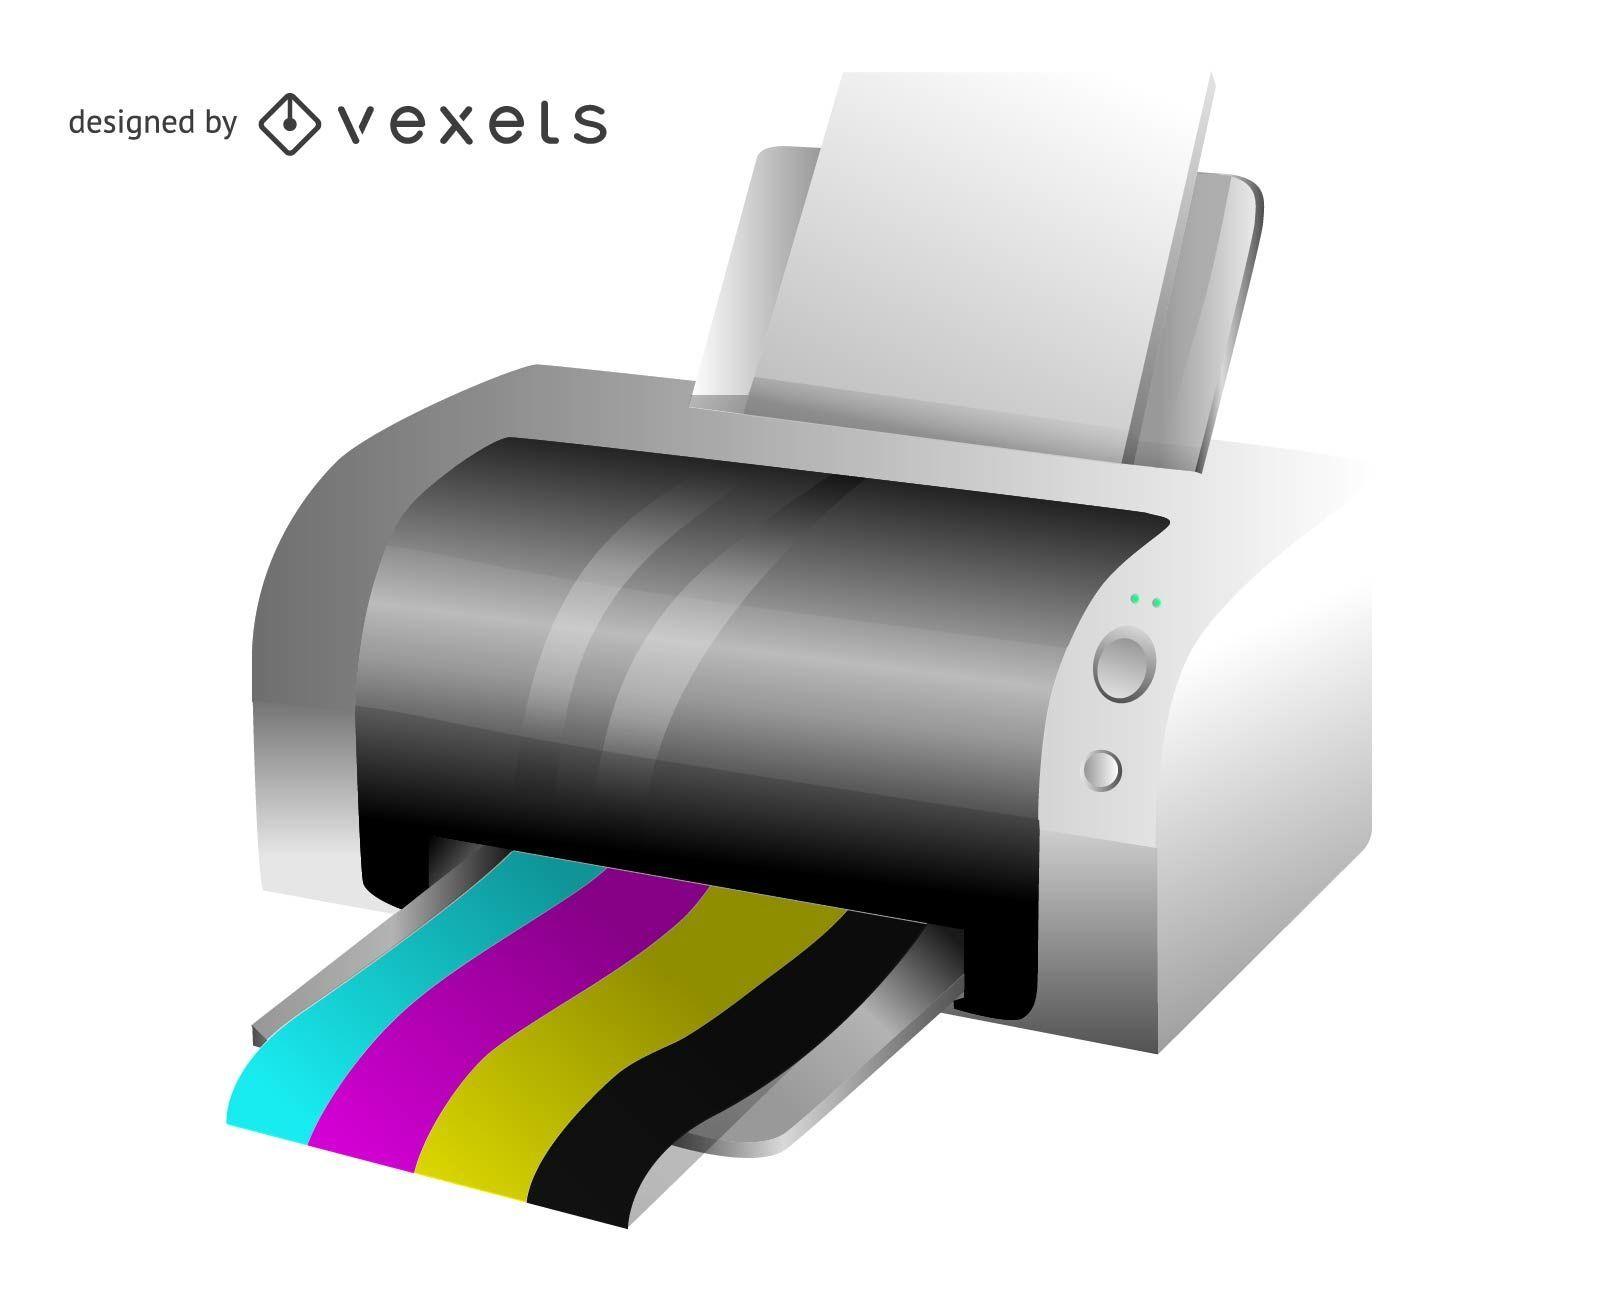 Ilustración de impresora vectorial 3D